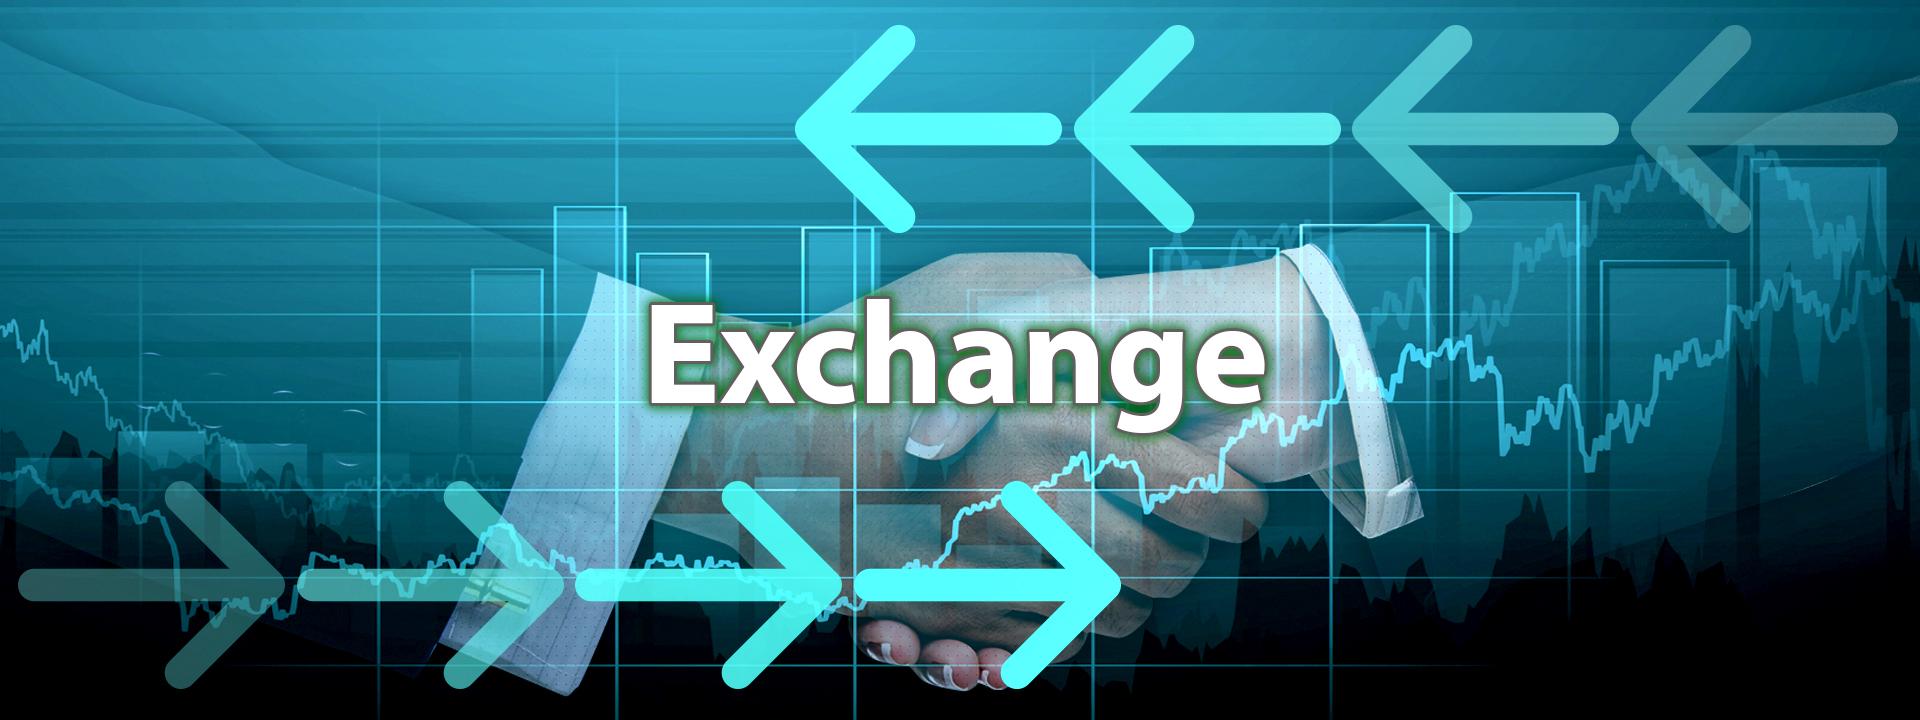 Criptomonedas-Exchange02